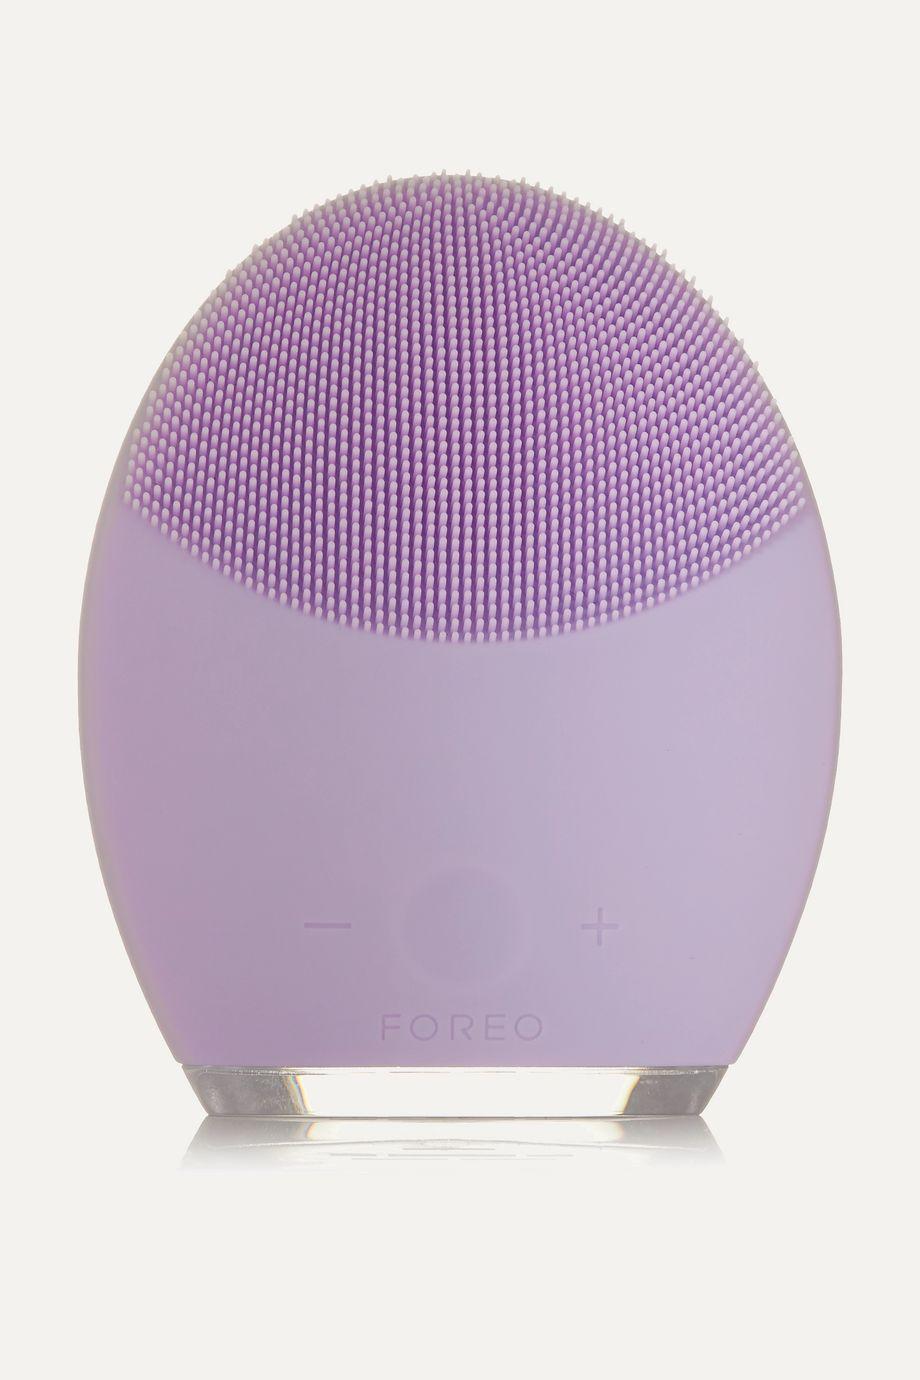 Foreo LUNA 2 Cleansing System for Sensitive Skin - Lavender